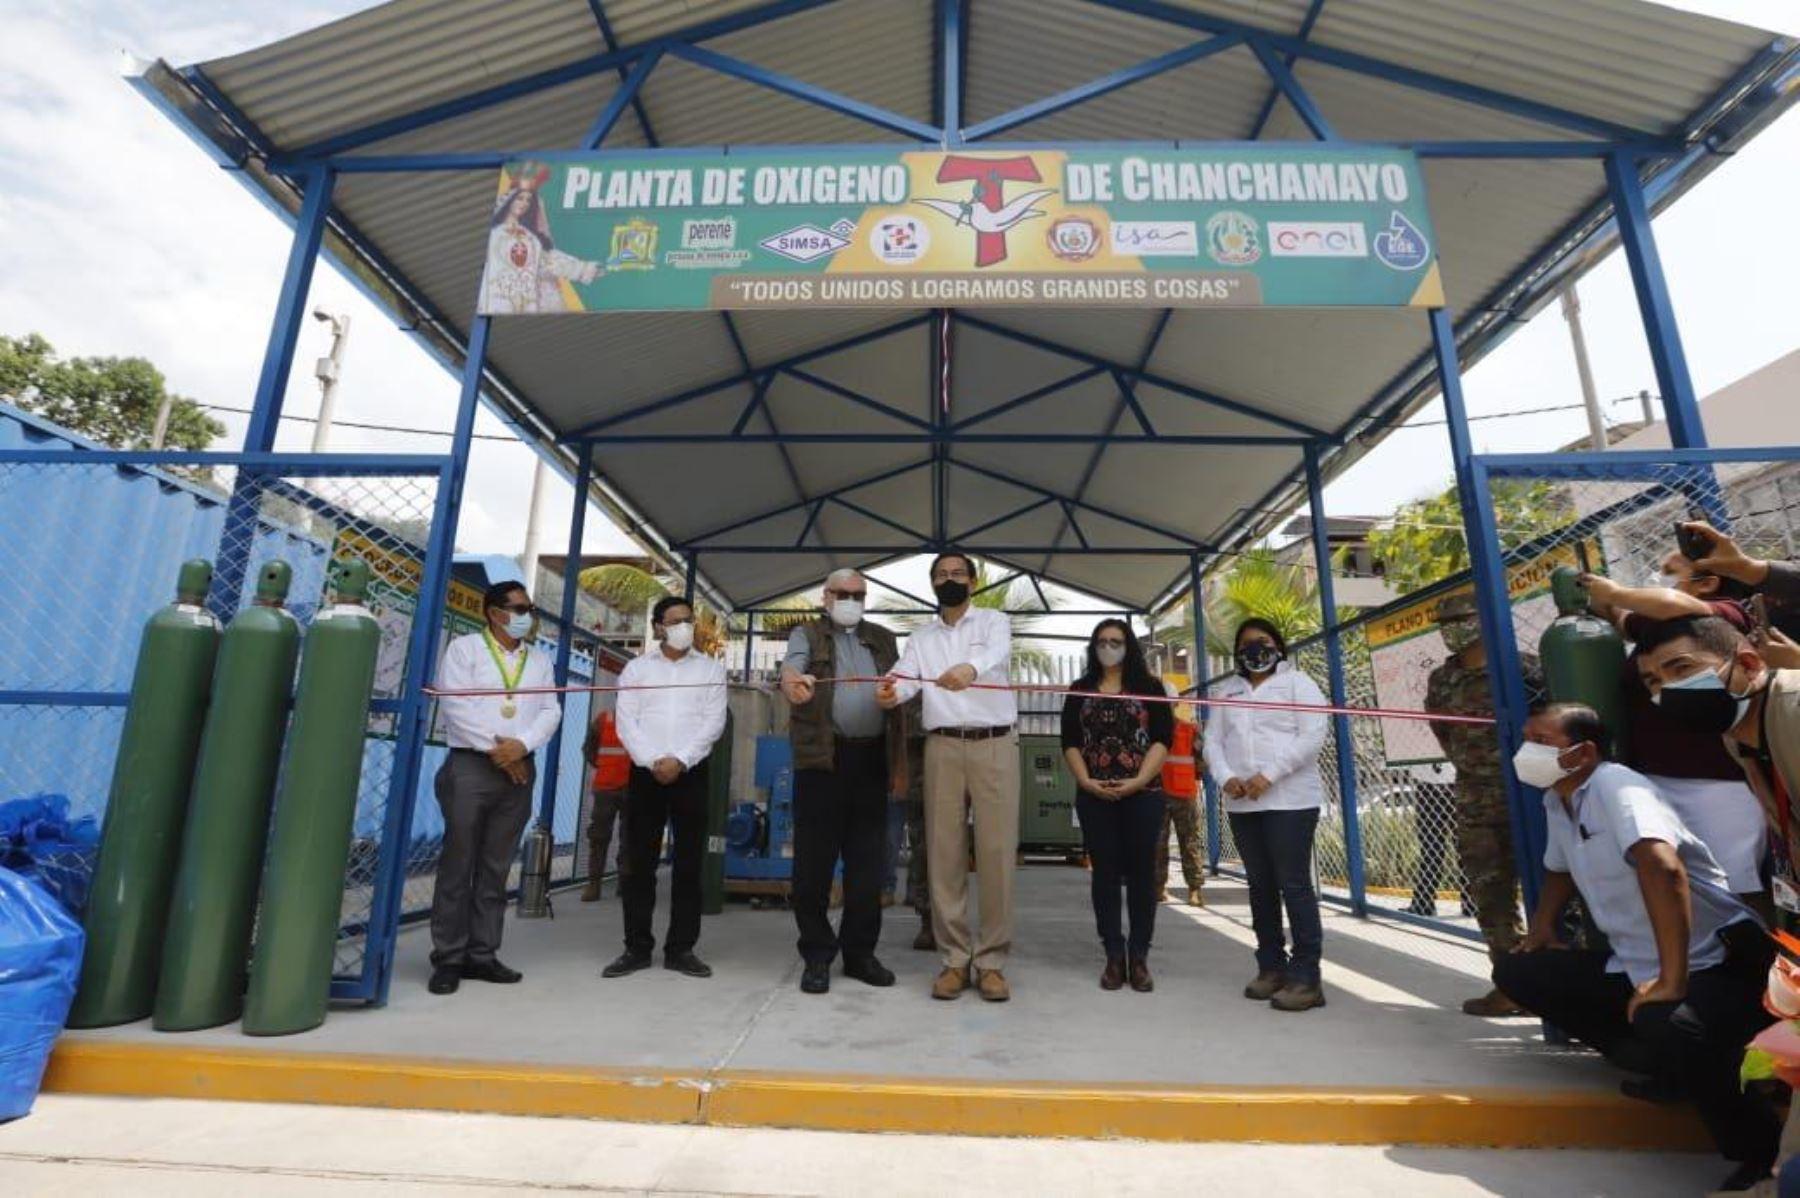 Presidente Vizcarra: Si nos unimos, podemos derrotar al virus y lograr el desarrollo | Noticias